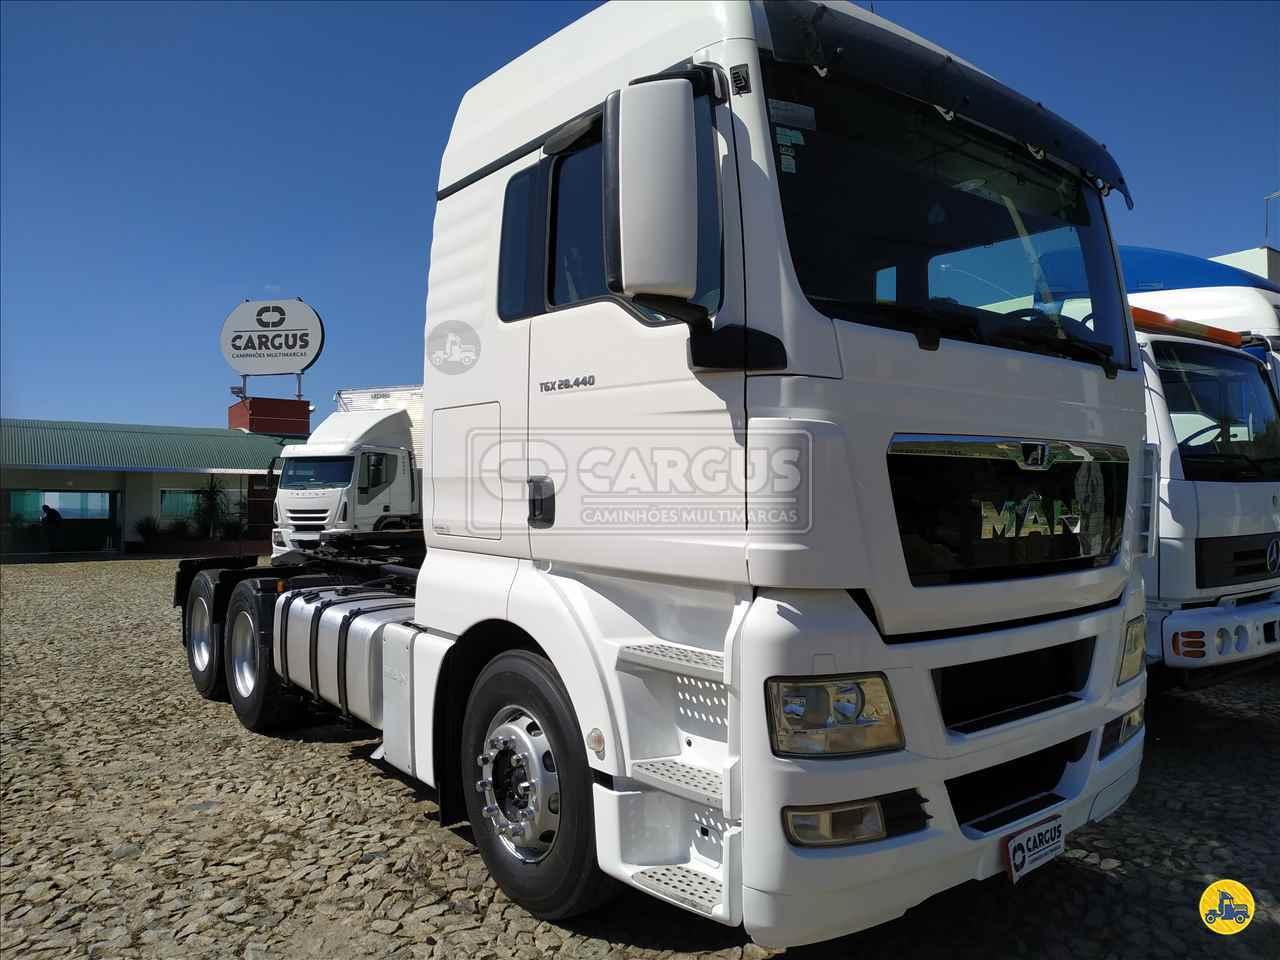 CAMINHAO MAN TGX 28 440 Cavalo Mecânico Truck 6x2 Cargus Veículos PARA DE MINAS MINAS GERAIS MG